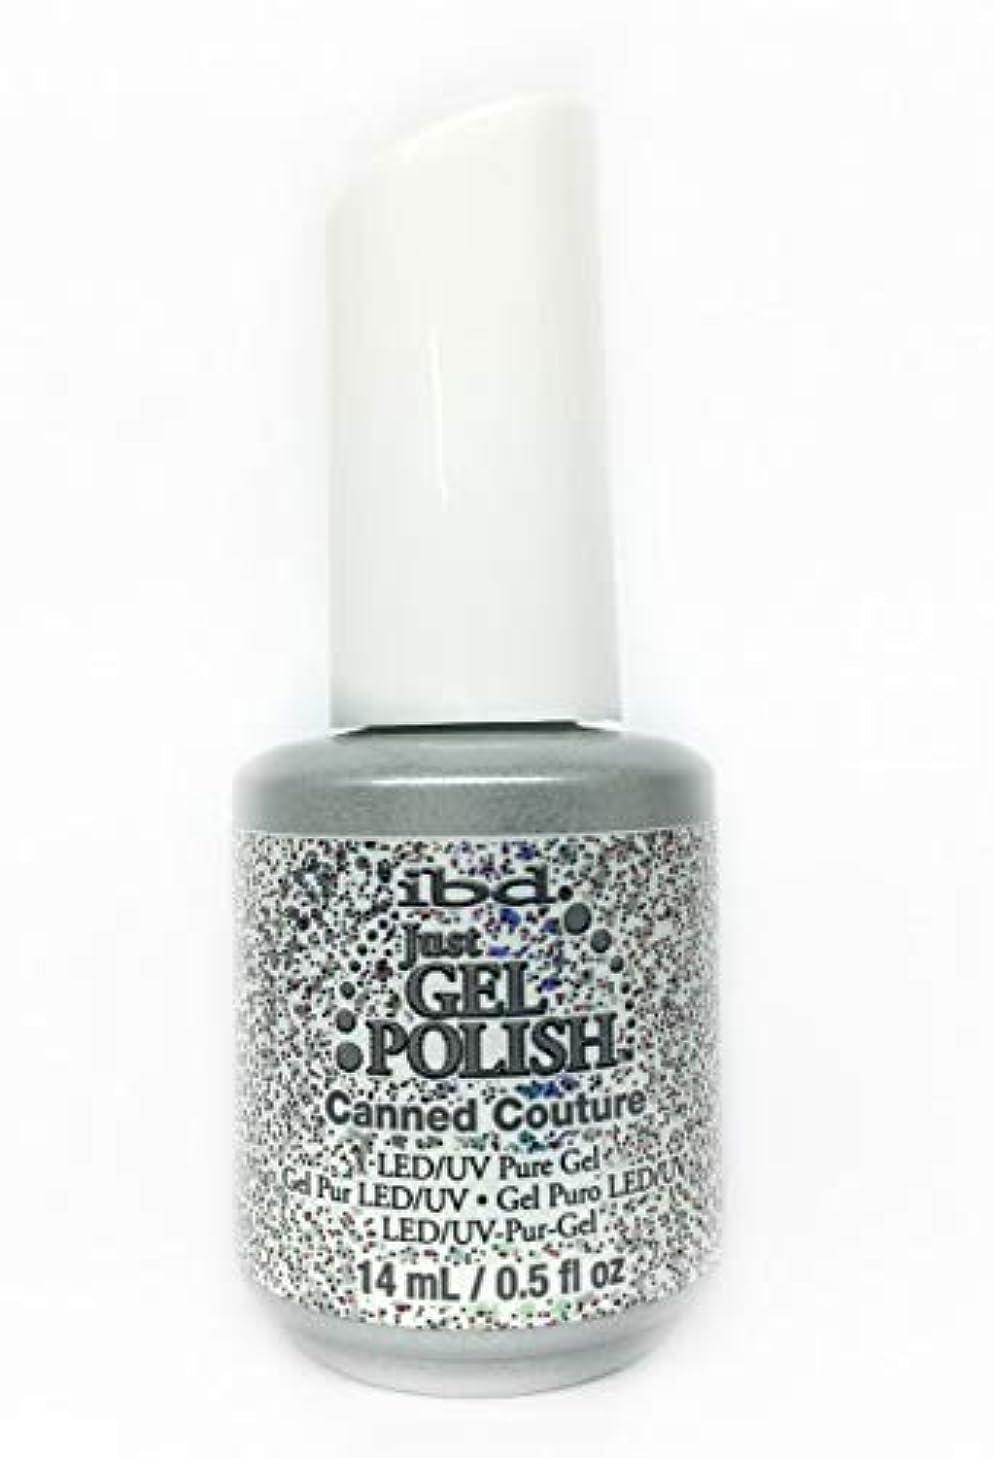 描写良心乳剤ibd Just Gel Nail Polish - Canned Couture - 14ml / 0.5oz